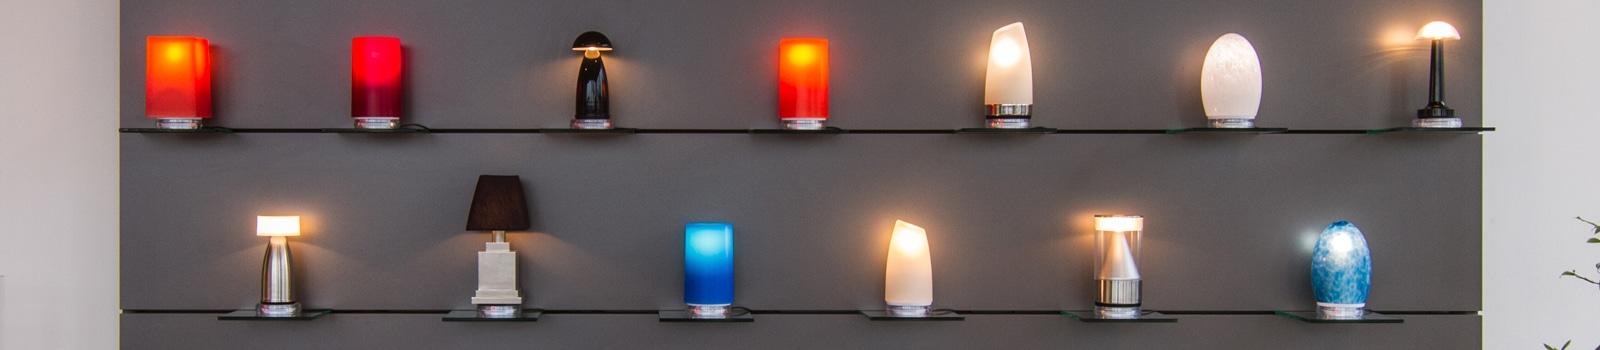 NEOZ: kabellose Tischleuchten, Akku-Lampen fuer exklusive Innenraeume